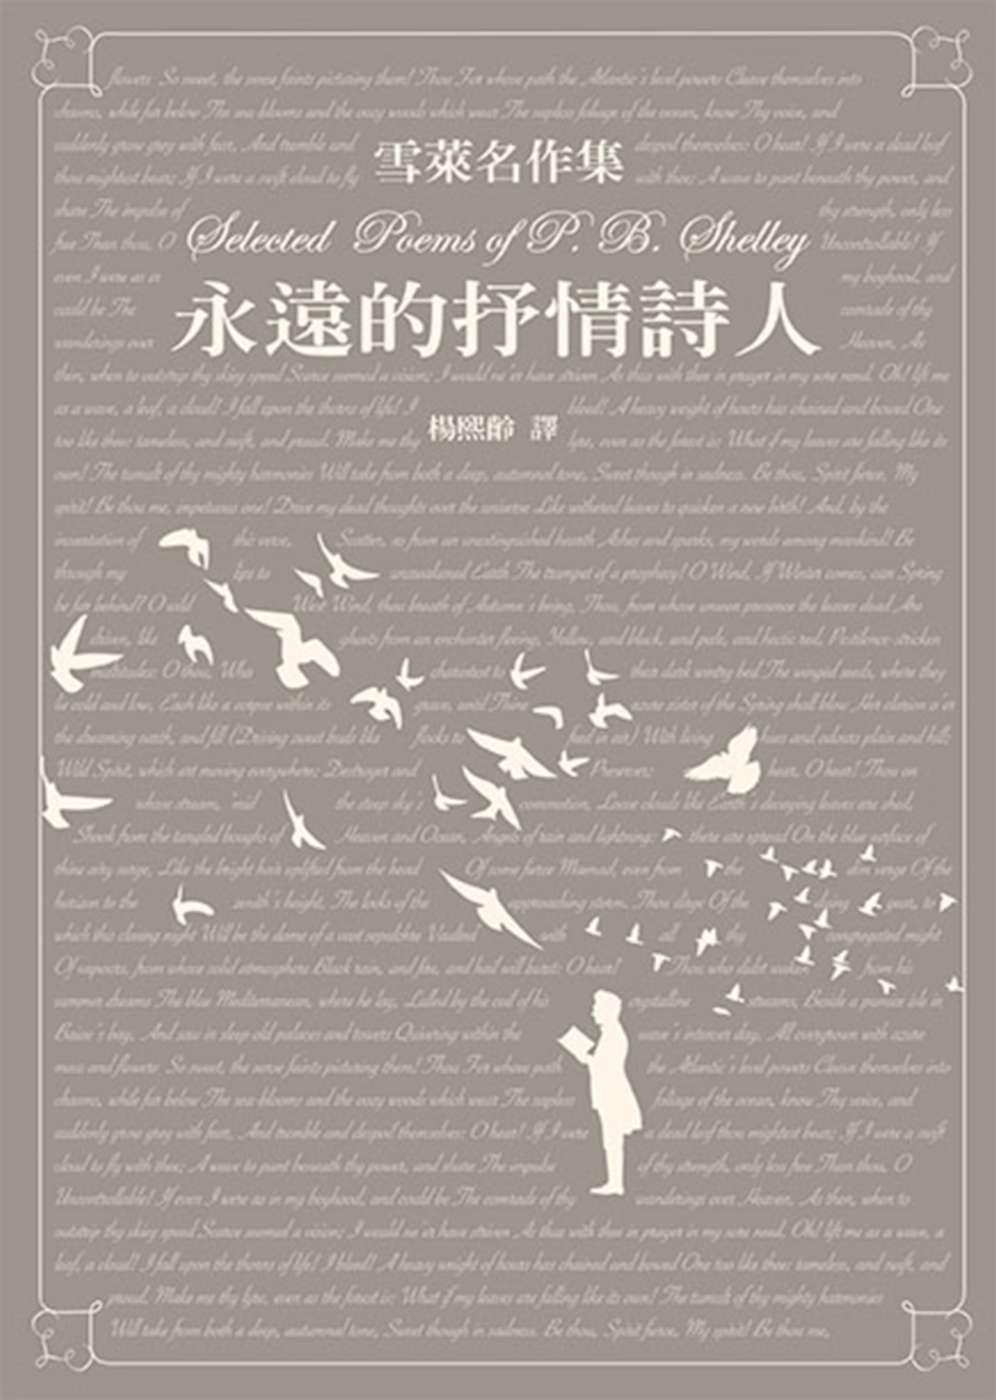 雪萊名作集:永遠的抒情詩人